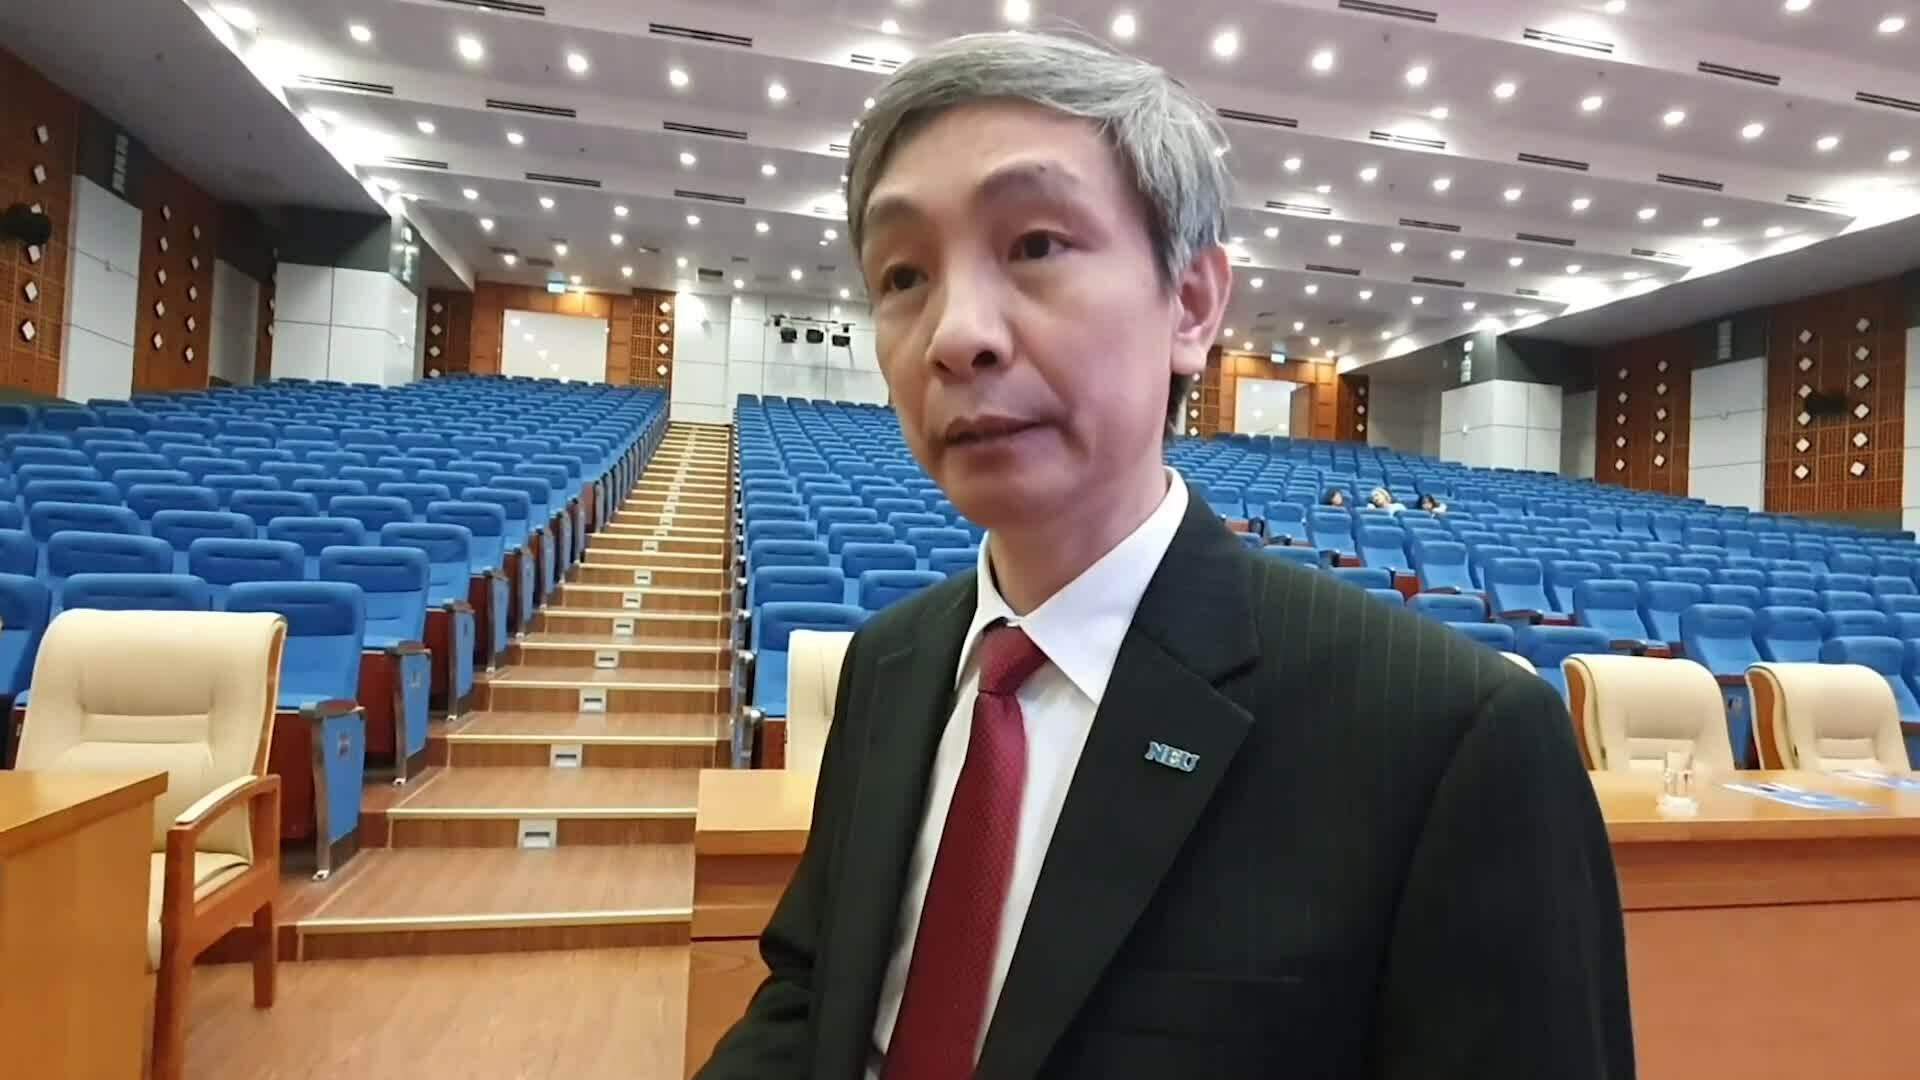 Đại học Kinh tế Quốc dân cho thí sinh đăng ký 54 nguyện vọng